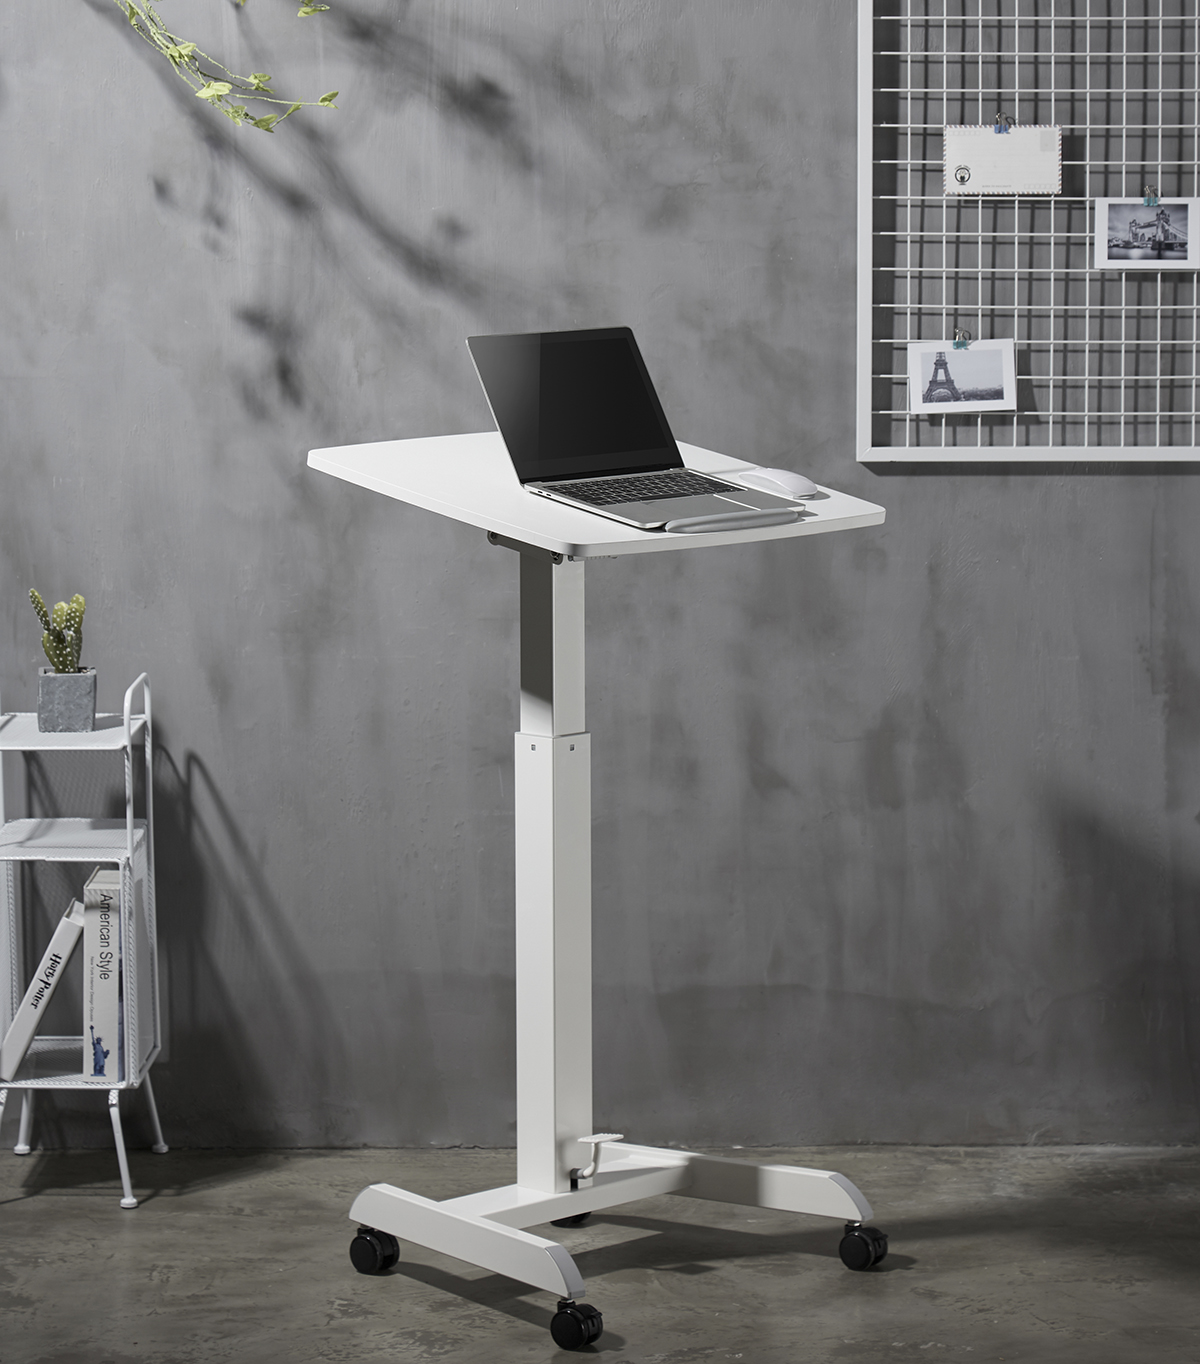 sta-zit bureau MobiSpot | kies voor een gezonde werkplek bezoek Worktrainer.nl